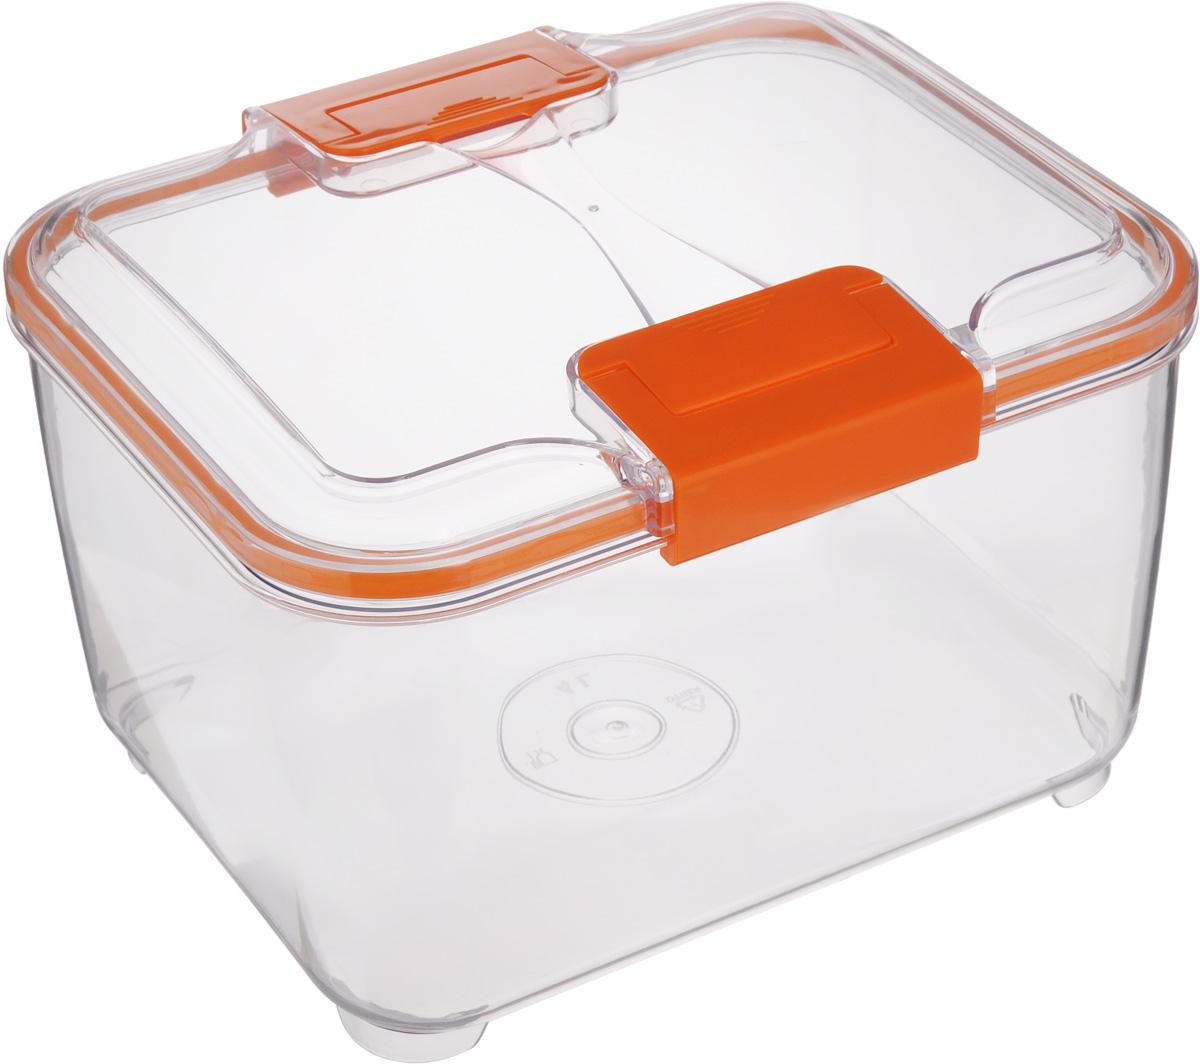 Контейнер Status, цвет: прозрачный, оранжевый, 4 лRC40 OrangeПищевой контейнер Status изготовлен из высококачественного пищевого пластика. Контейнер безопасен для здоровья, не содержит BPA. Изделие имеет прямоугольную форму и оснащено плотно закрывающейся крышкой. Прозрачные стенки позволяют видеть содержимое. Контейнер закрывается при помощи двух защелок. Можно мыть в посудомоечной машине. Контейнер подходит для использования в морозильной камере и СВЧ.